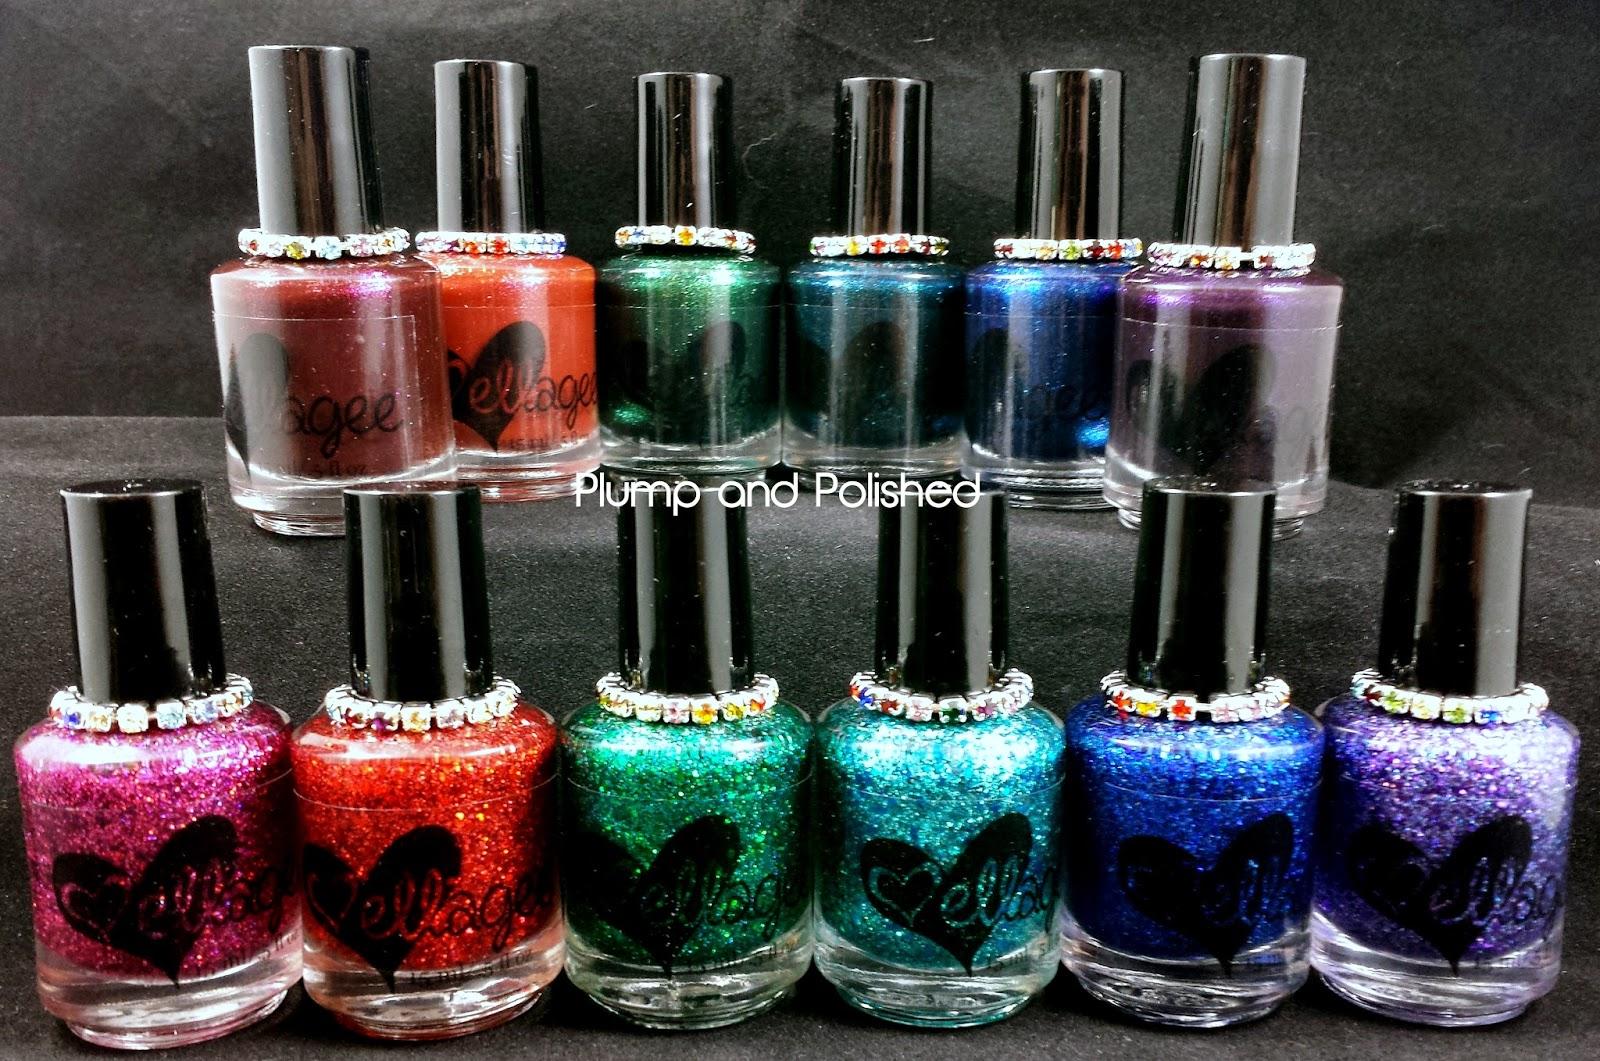 Ellagee - Sparkling Gemstones